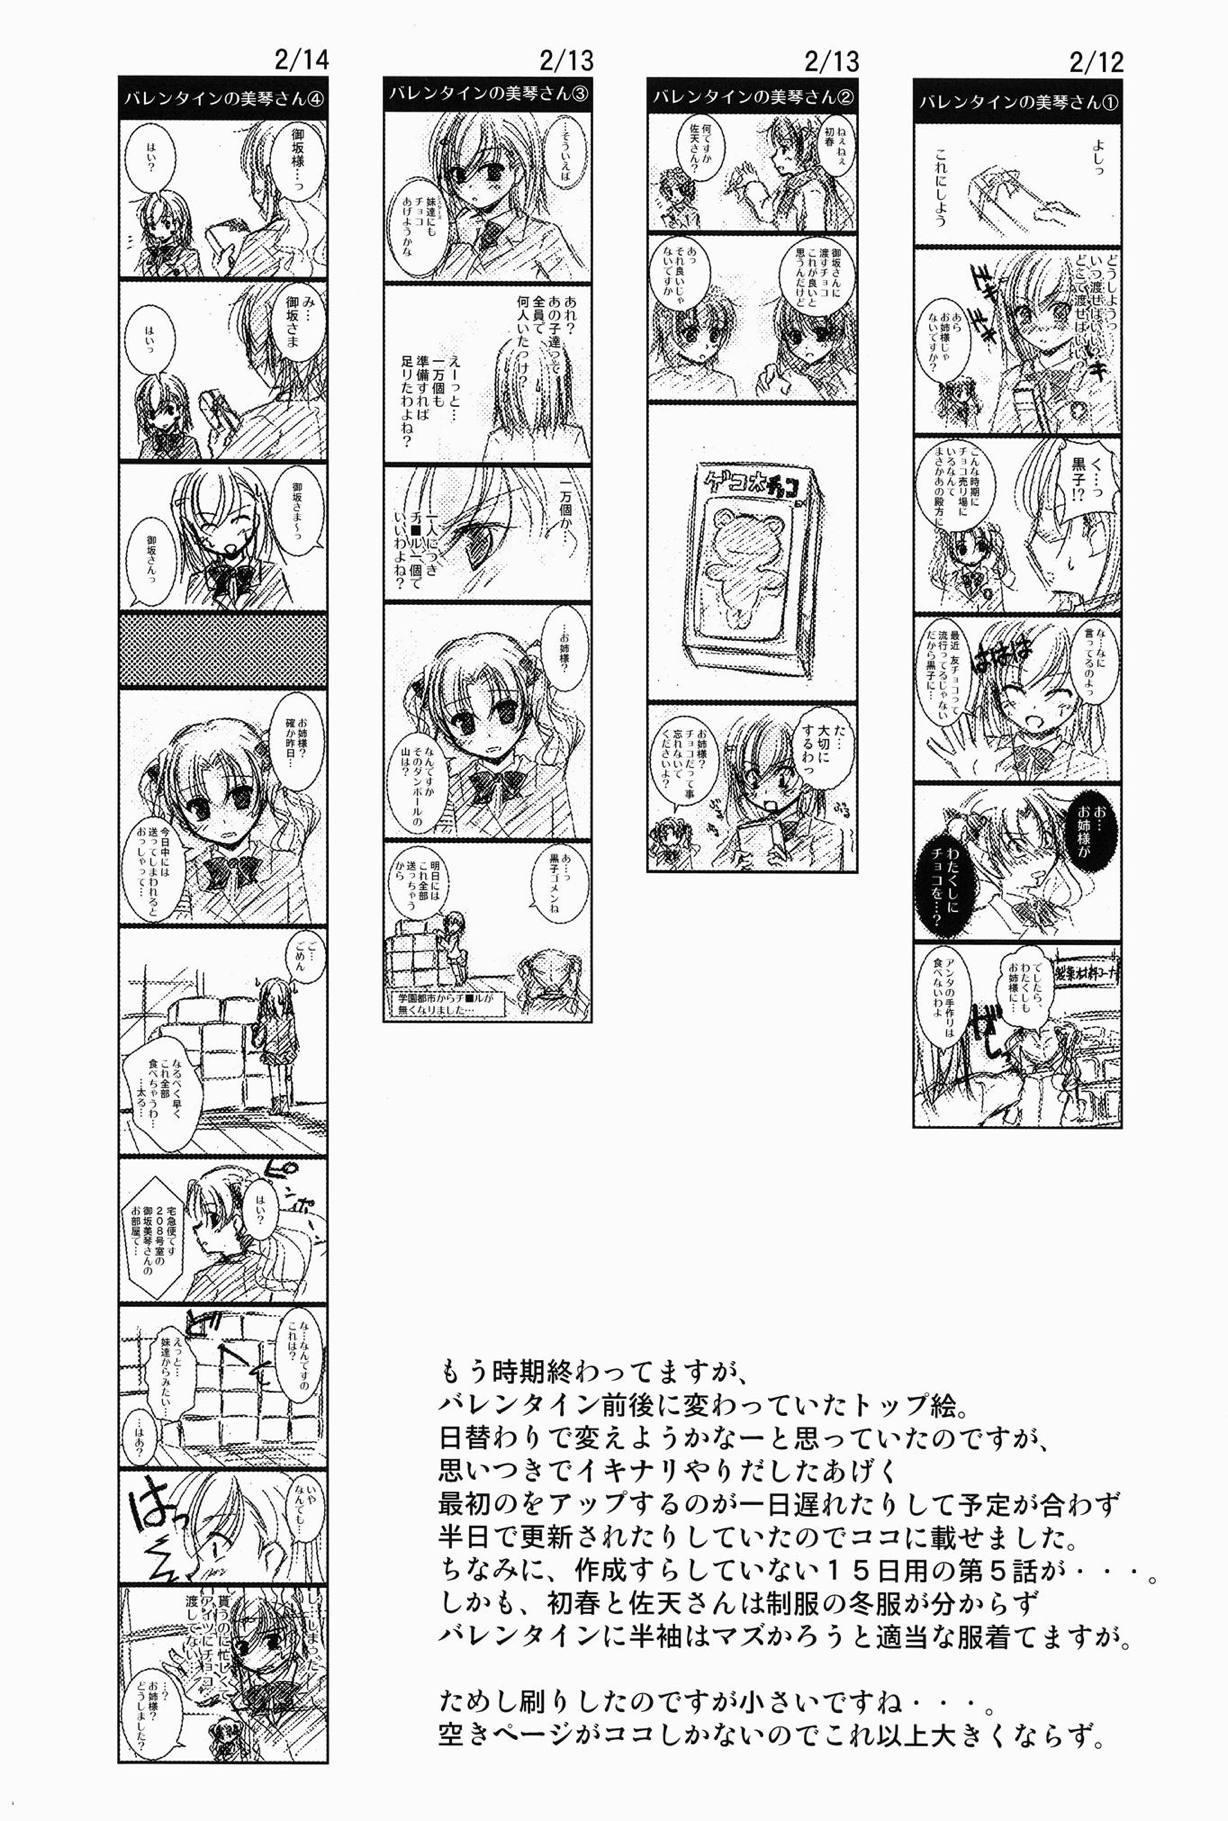 Touma to Misaka to Railgun 28